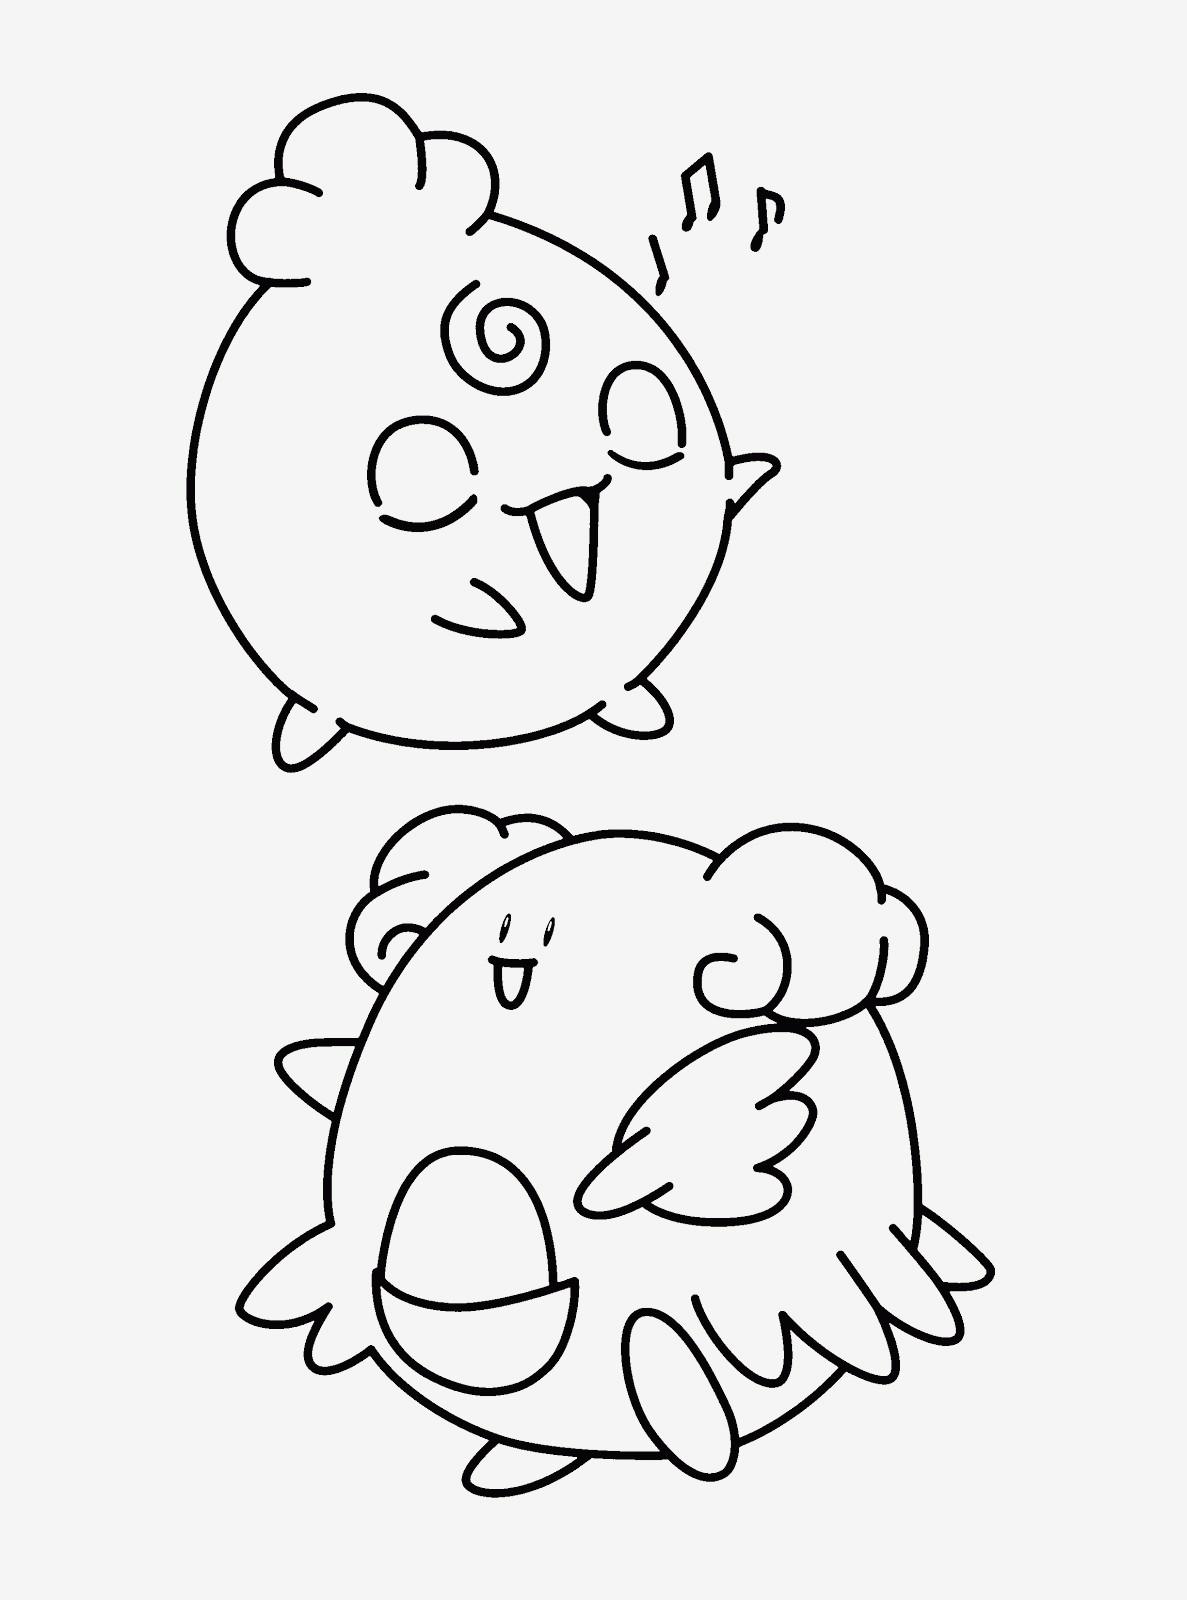 Ausmalbilder Pokemon Xy Das Beste Von Pokemon Xy Malvorlagen 2 Barden Stock